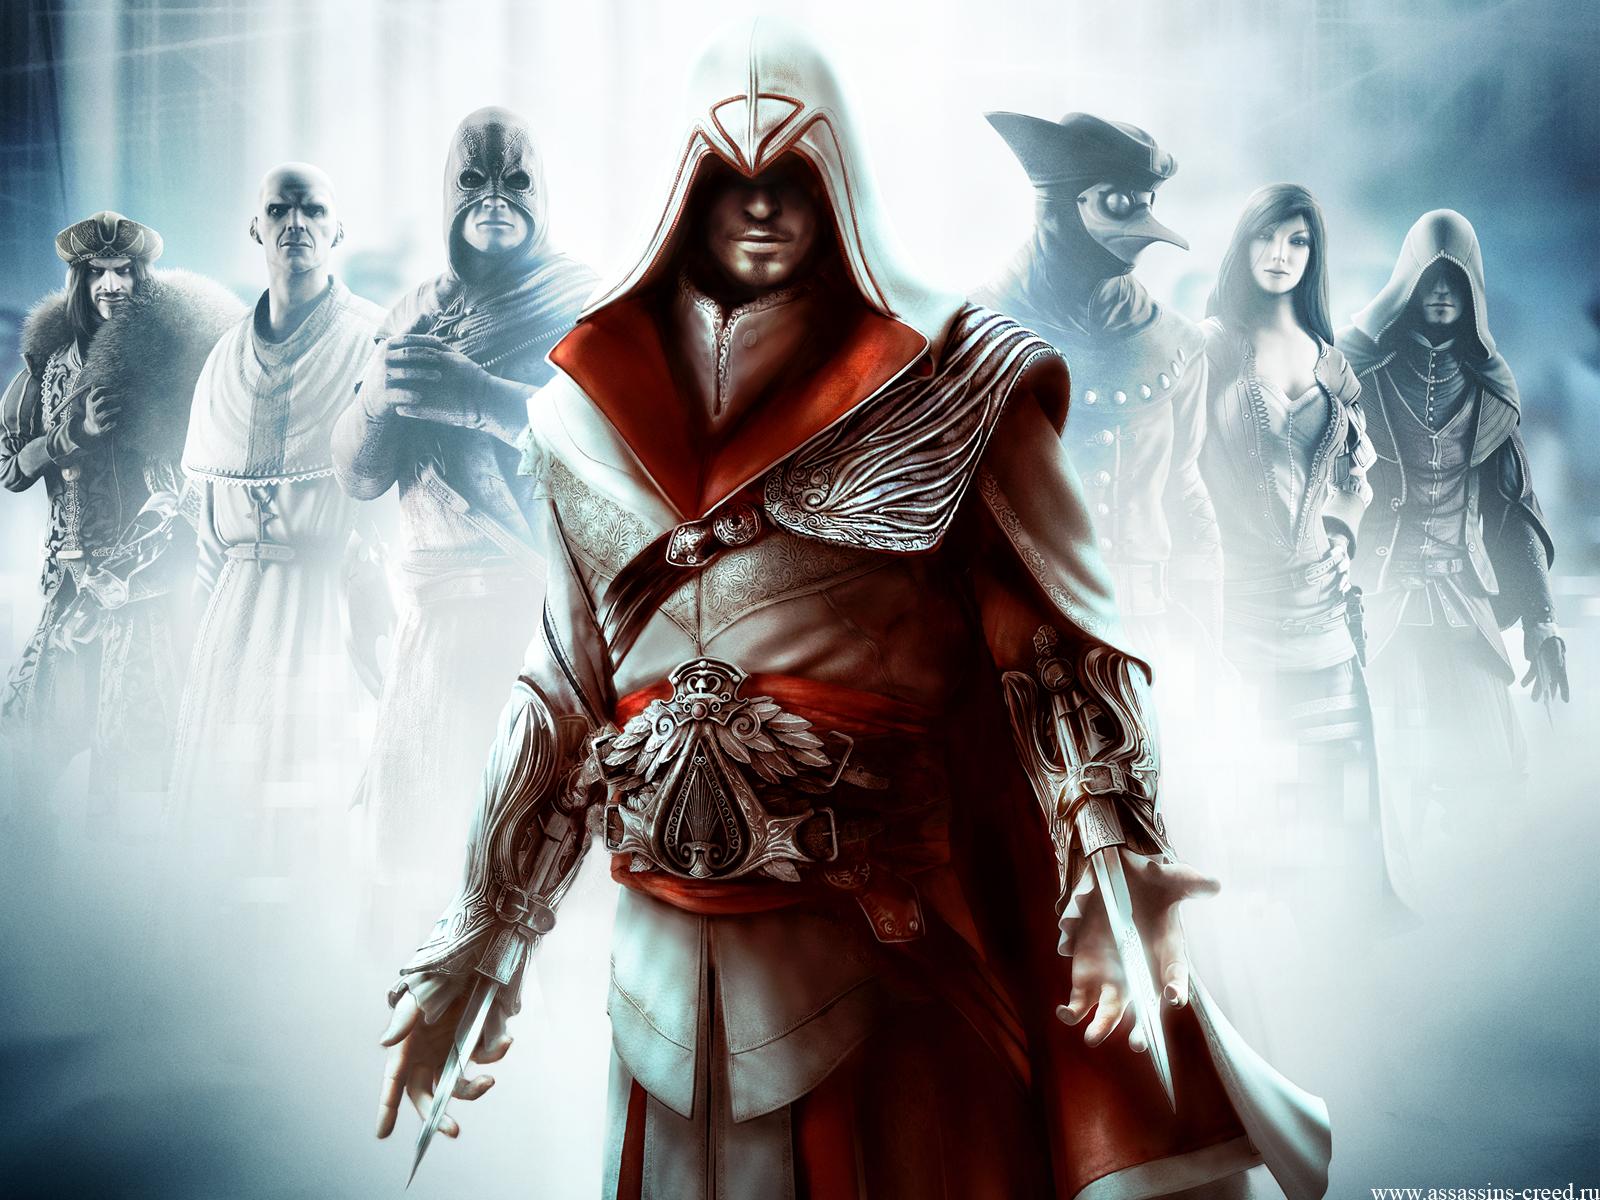 Трейнер для Assassin's Creed Brotherhood имеет пять функций. Список